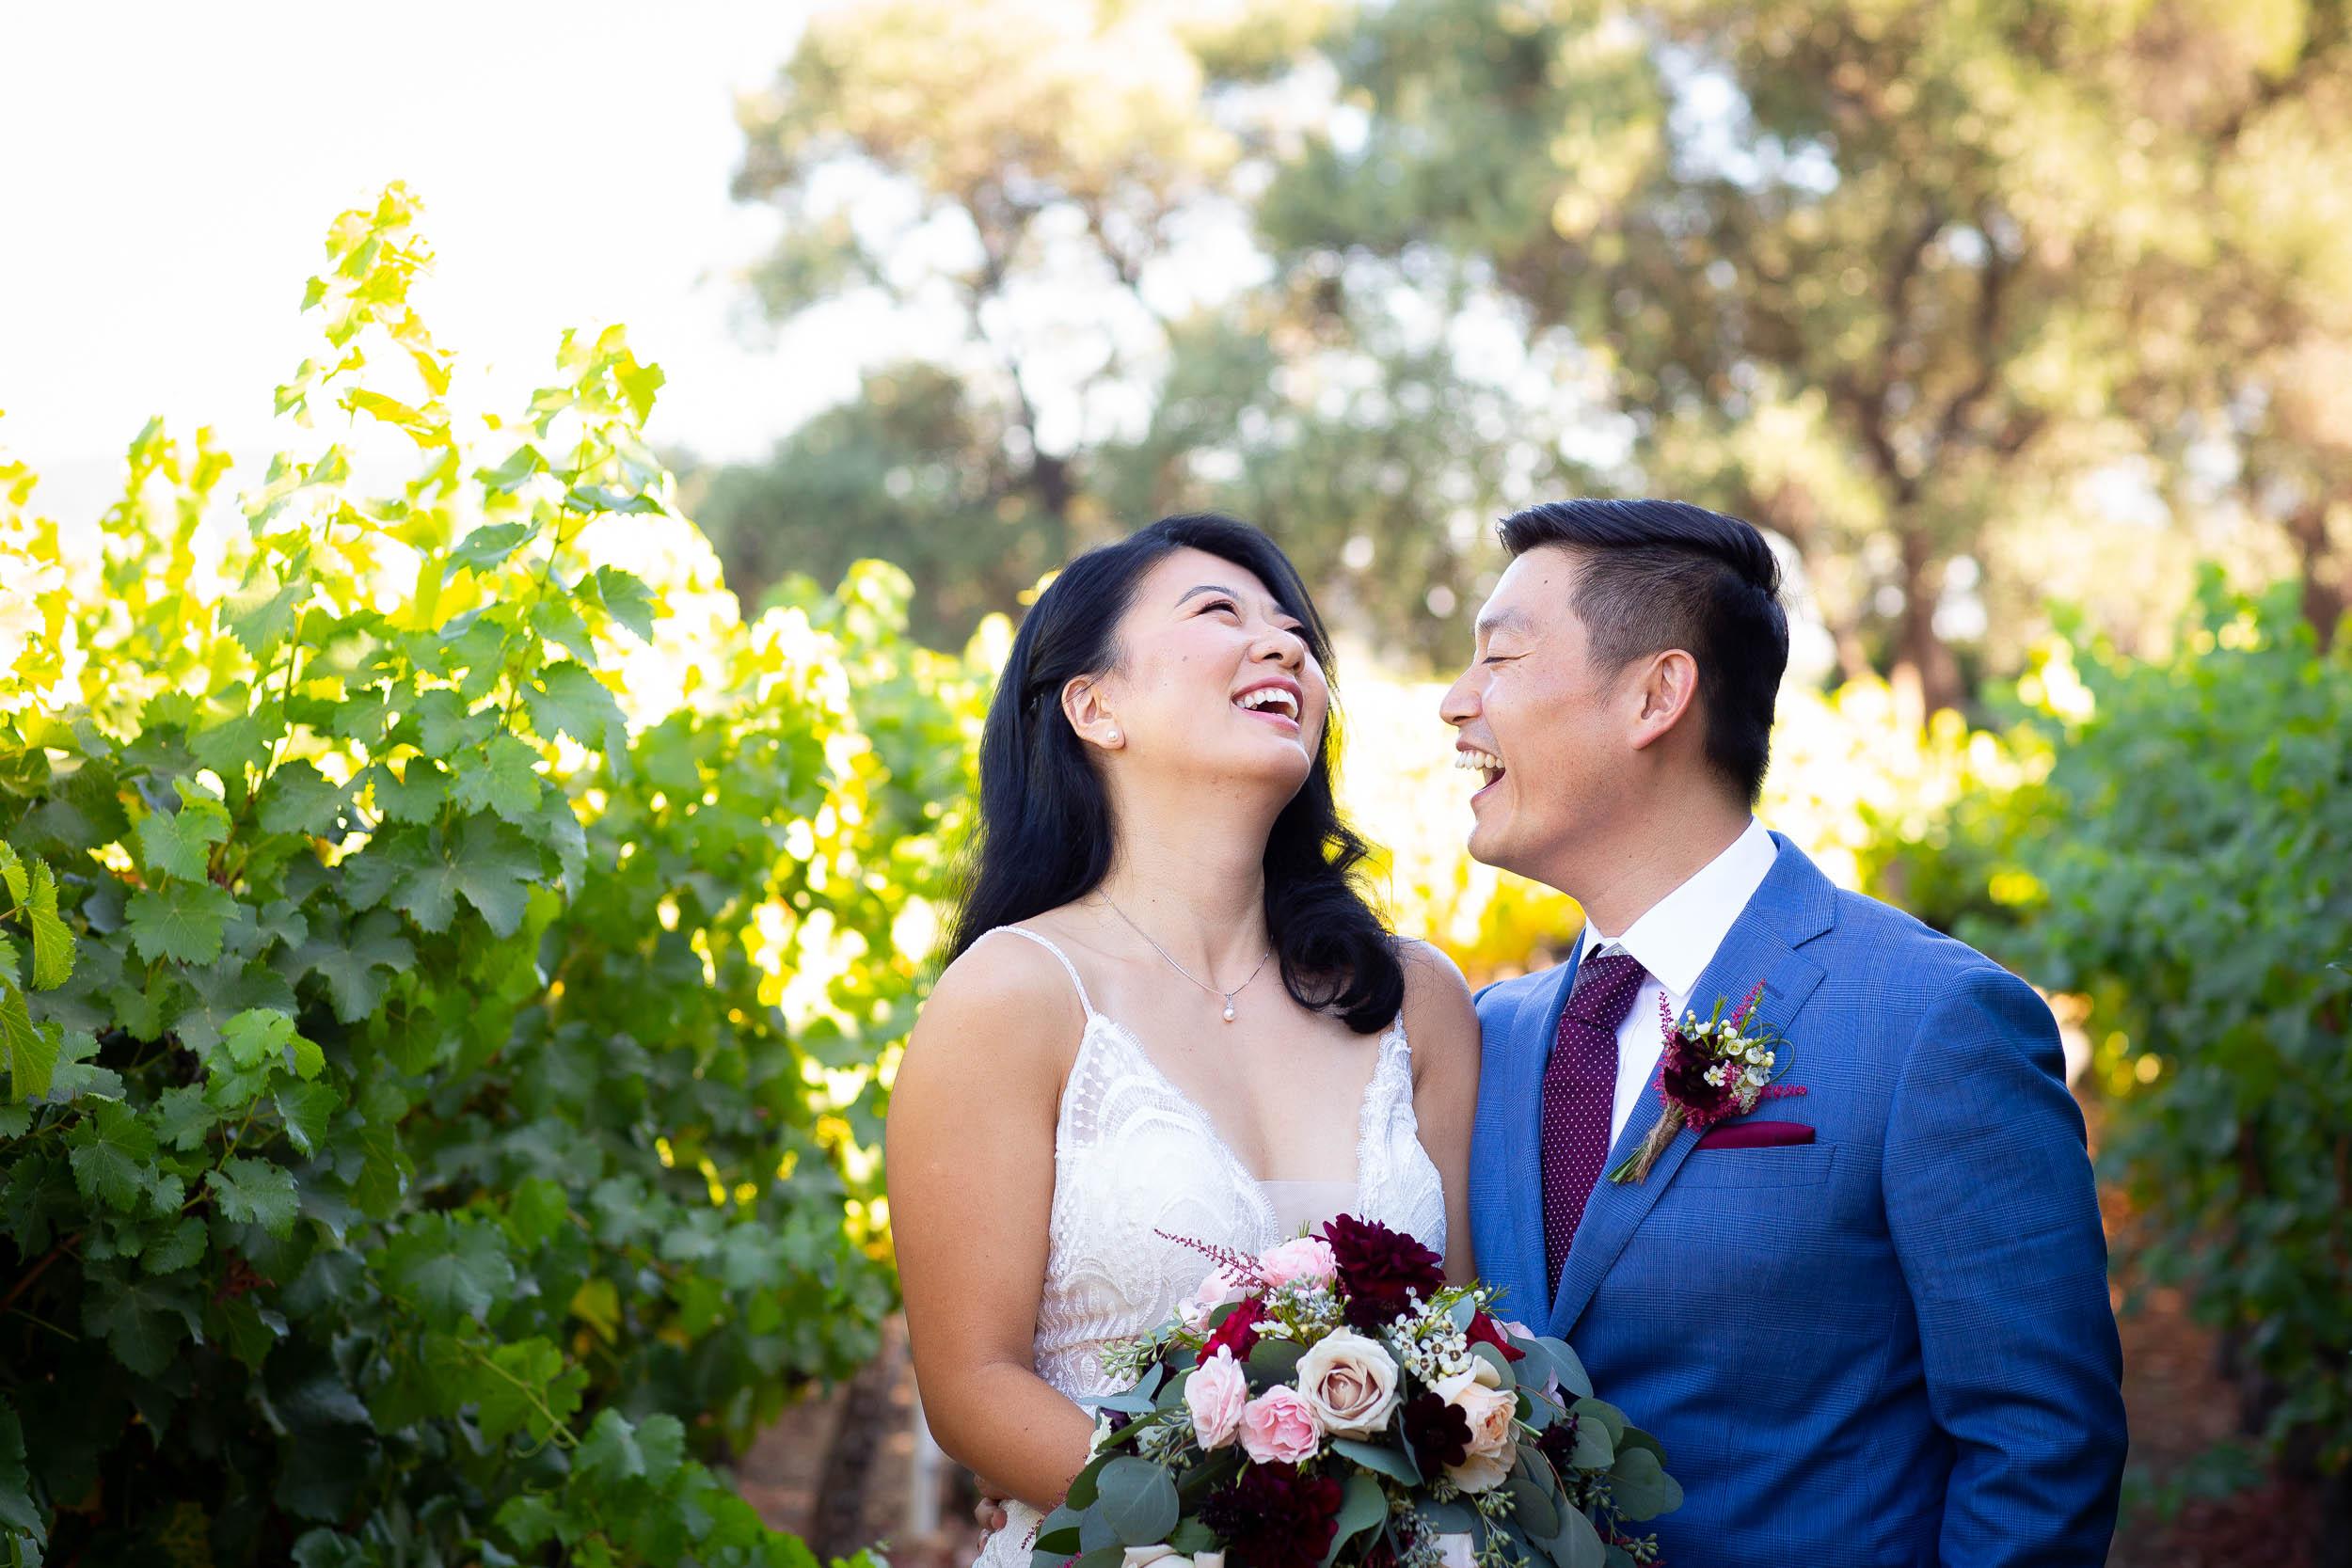 Merryvale+Vineyards+Wedding-5.jpg